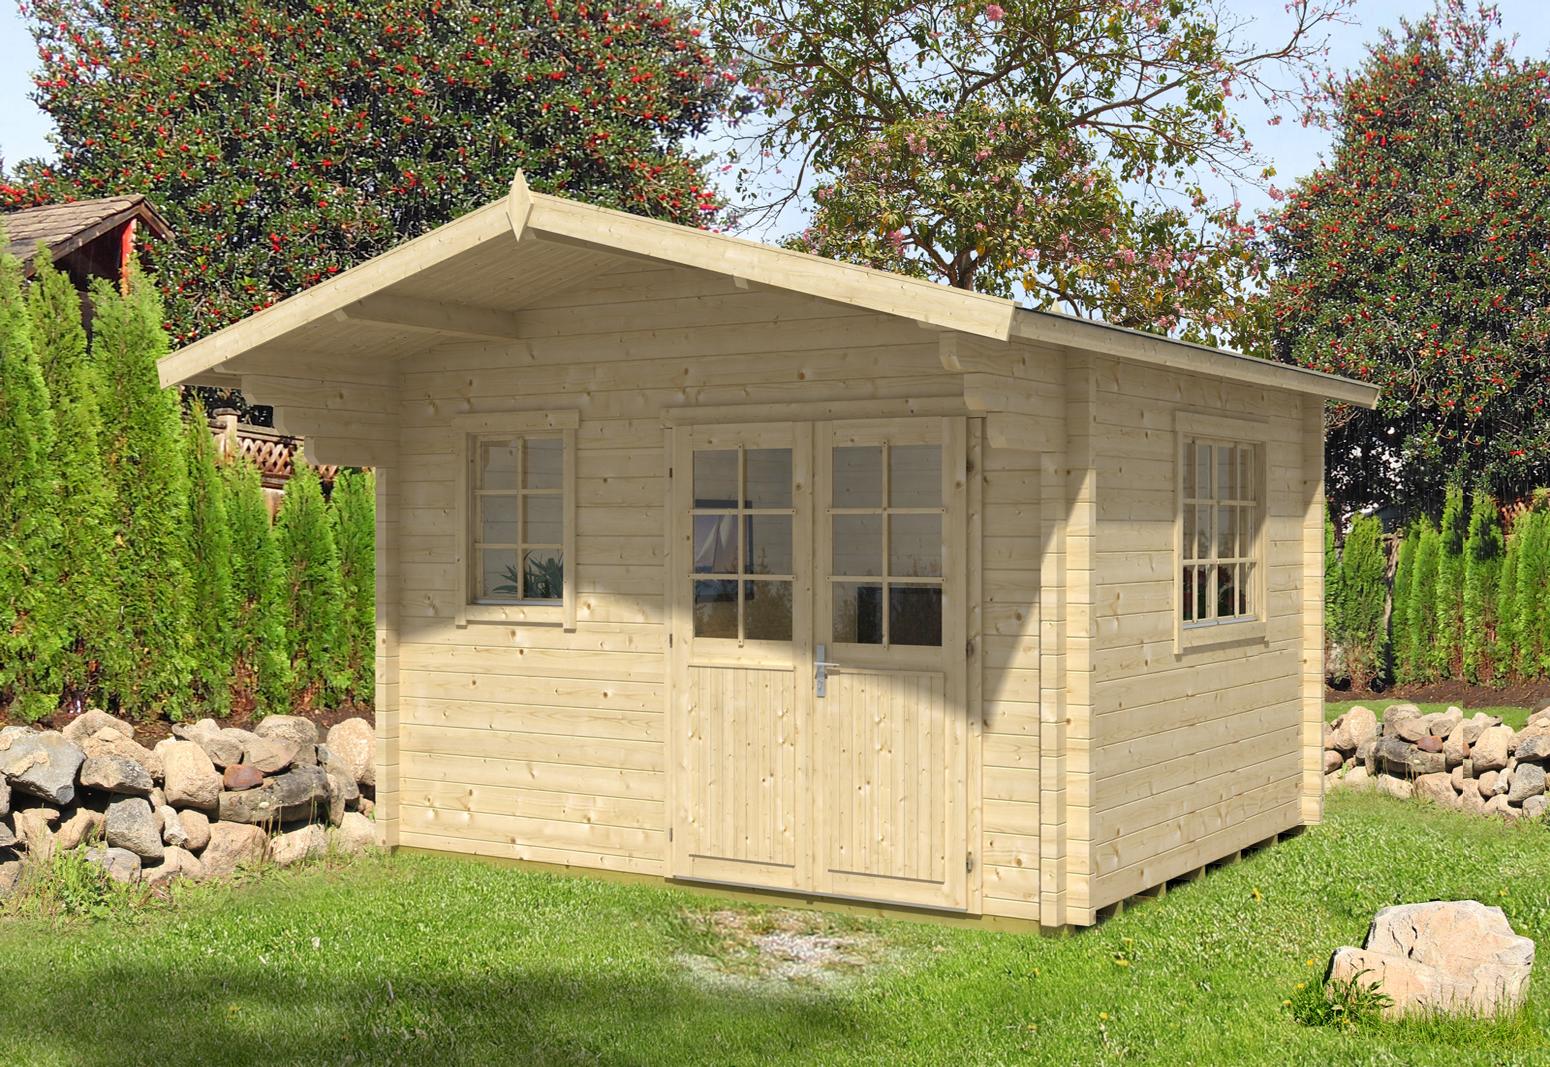 gartenhaus rh n 70 d premium gartenhaus rh n 70 d premium. Black Bedroom Furniture Sets. Home Design Ideas